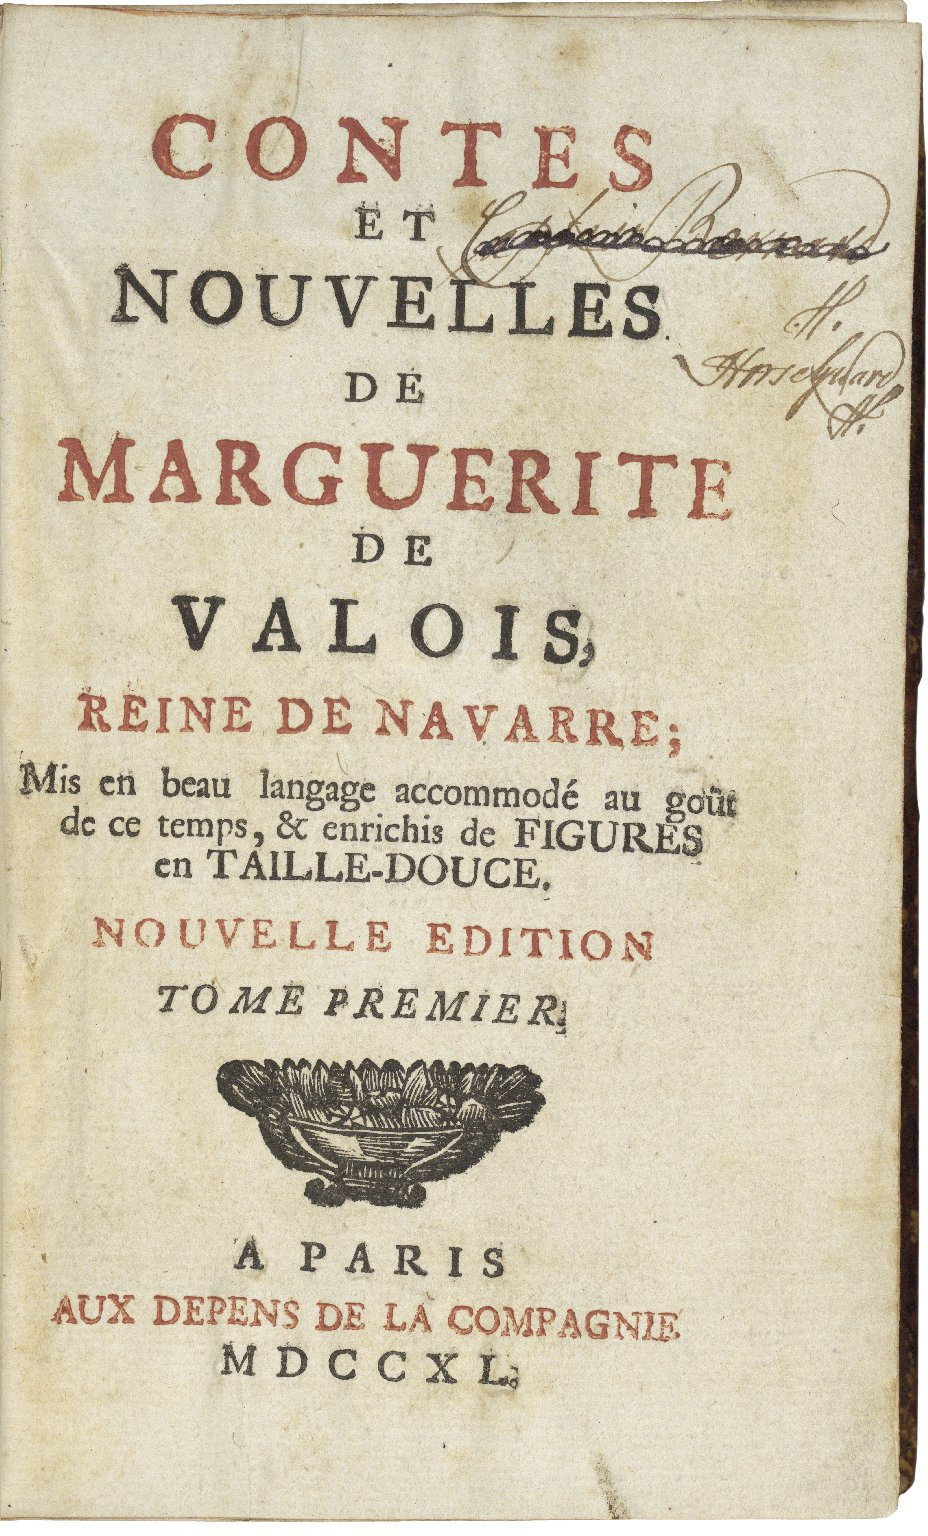 [Heptaméron] Contes et nouvelles / de Marguerite de Valois, reine de Navarre ; mis en beau langage accommodé au goût de ce temps, & enrichis de figures en taille-douce.